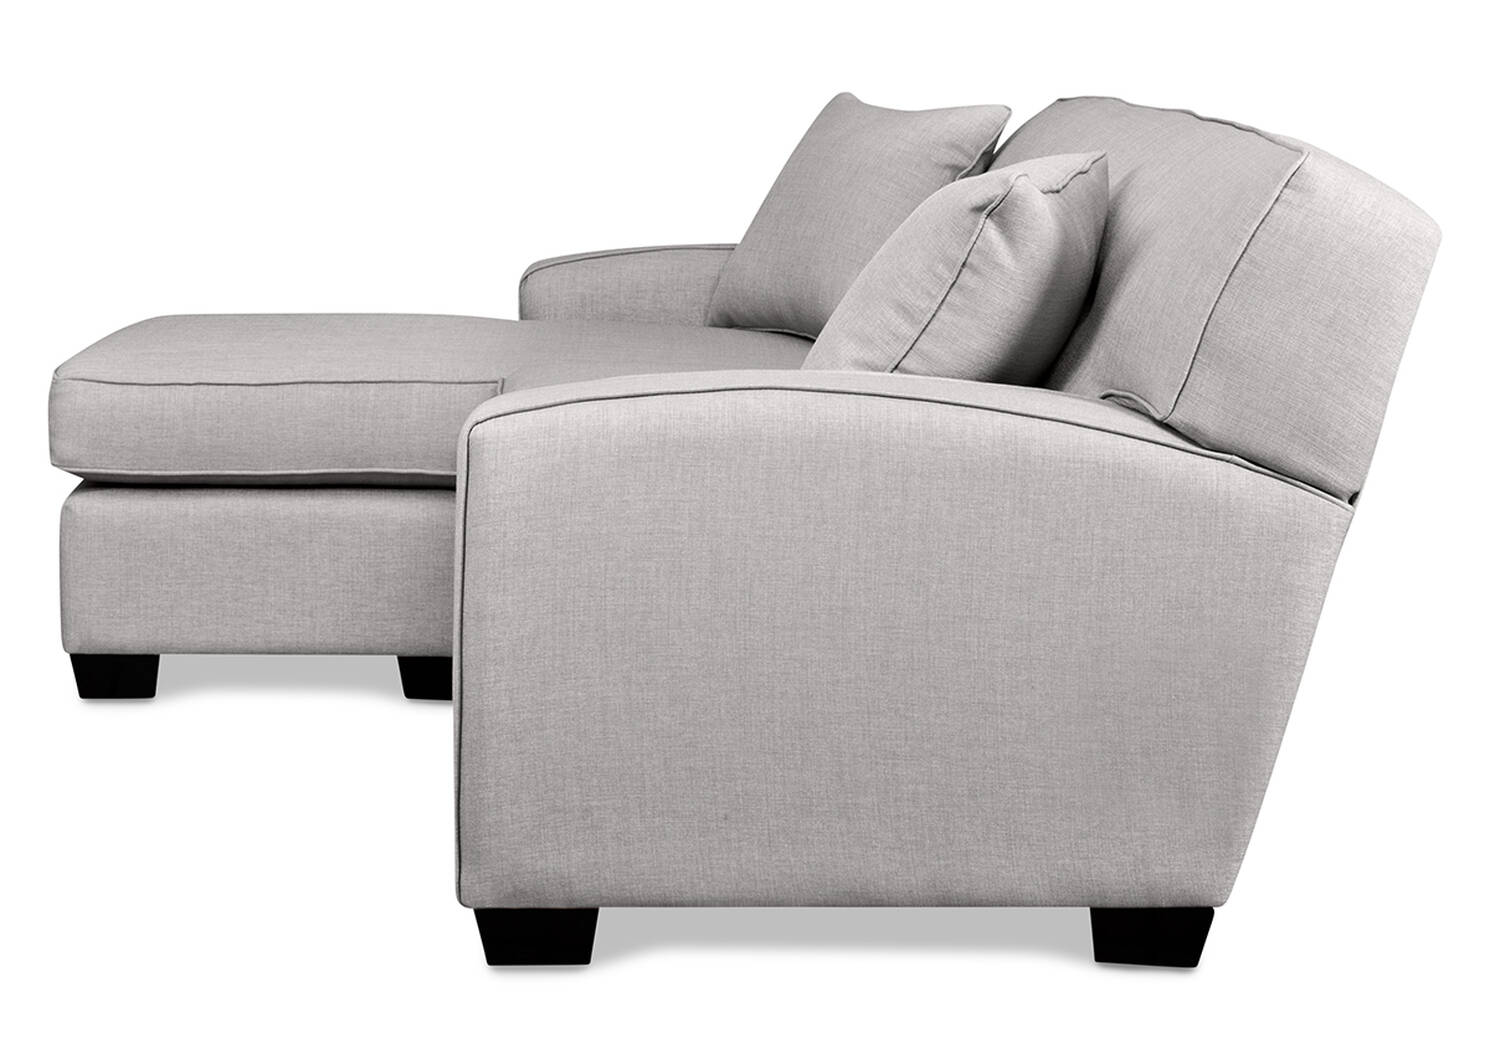 Canapé d'angle Harper personnalisé